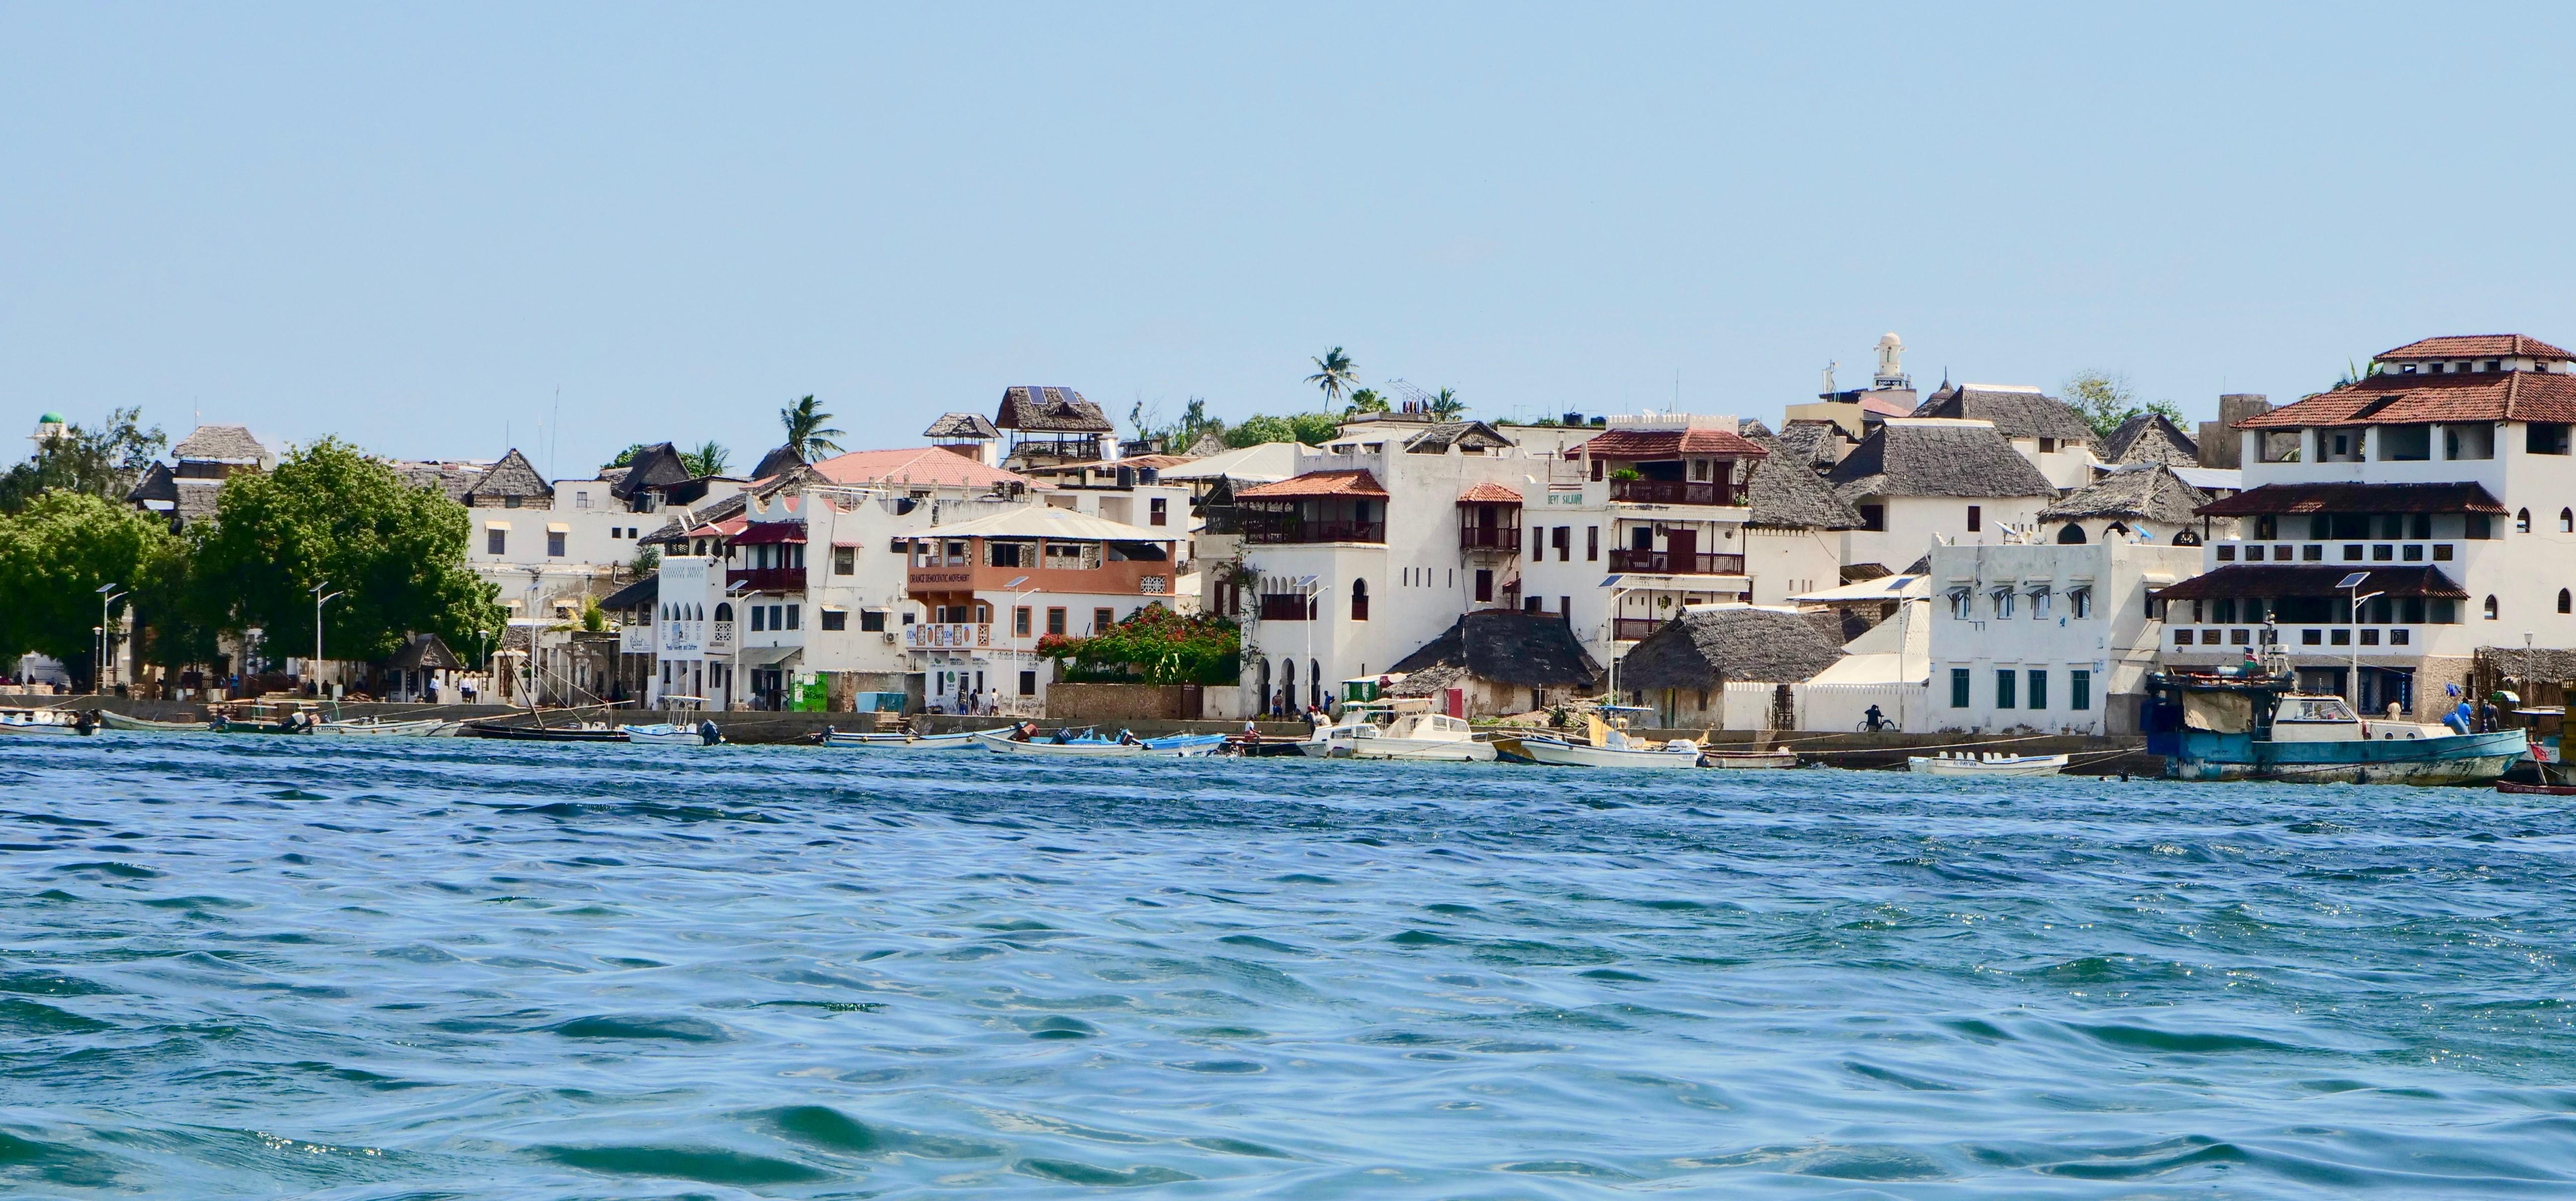 lamu-town-from-sea-kenya